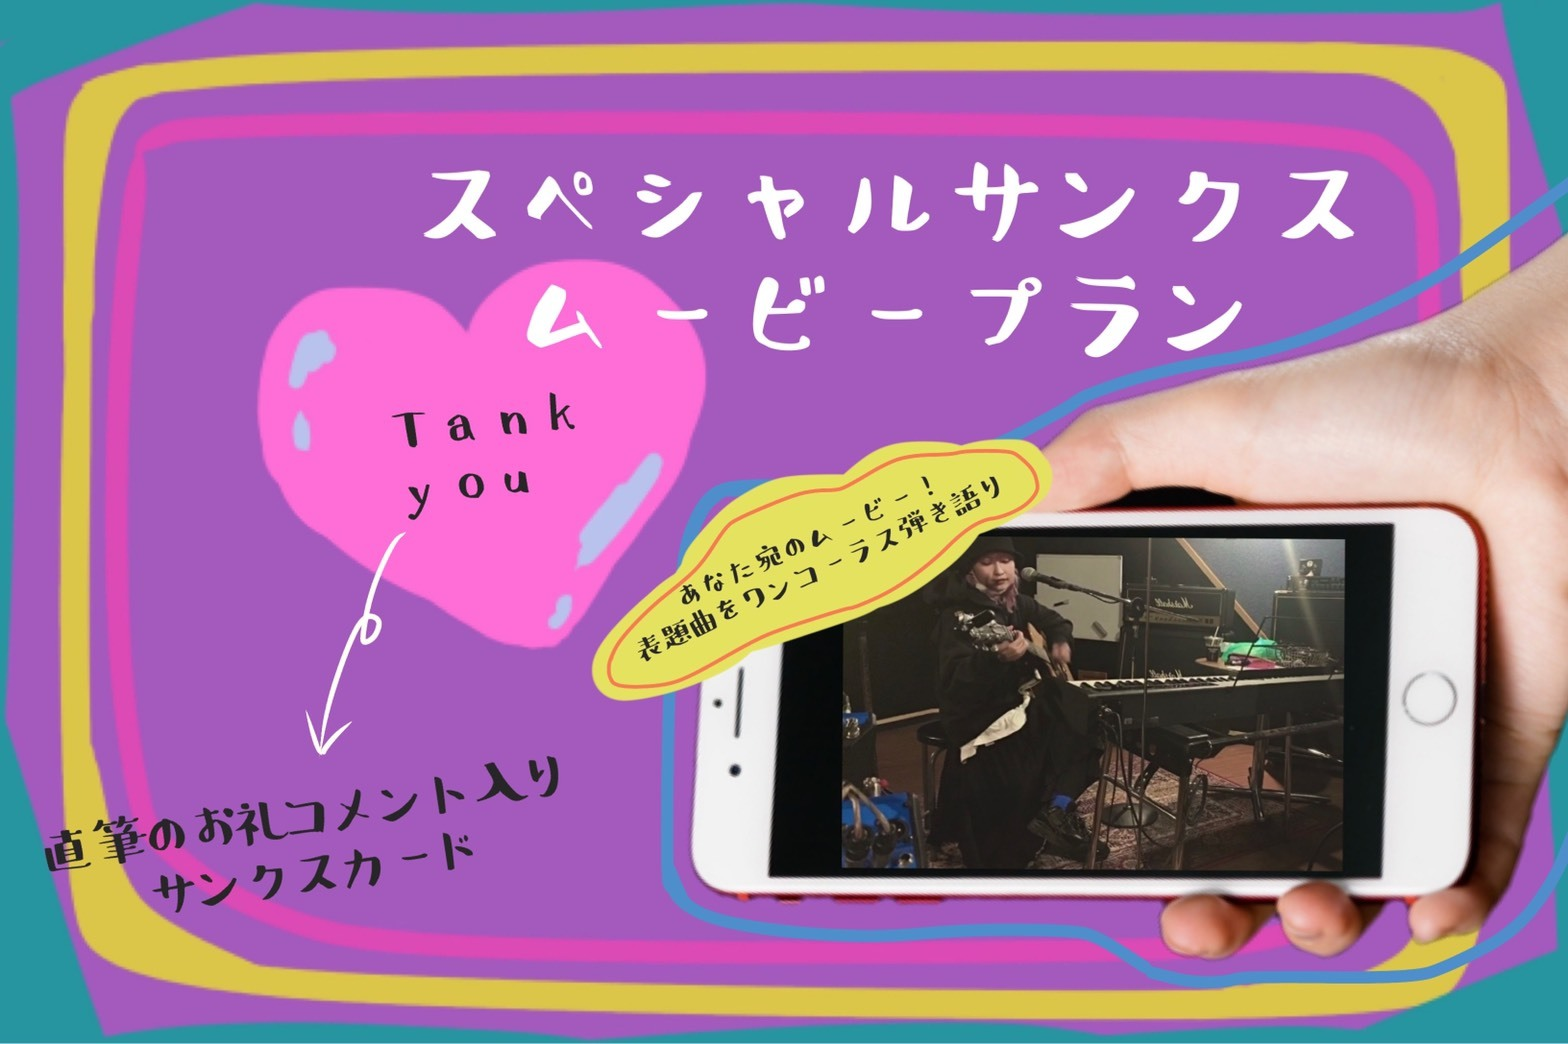 <お礼のspecial thanks ムービープラン>